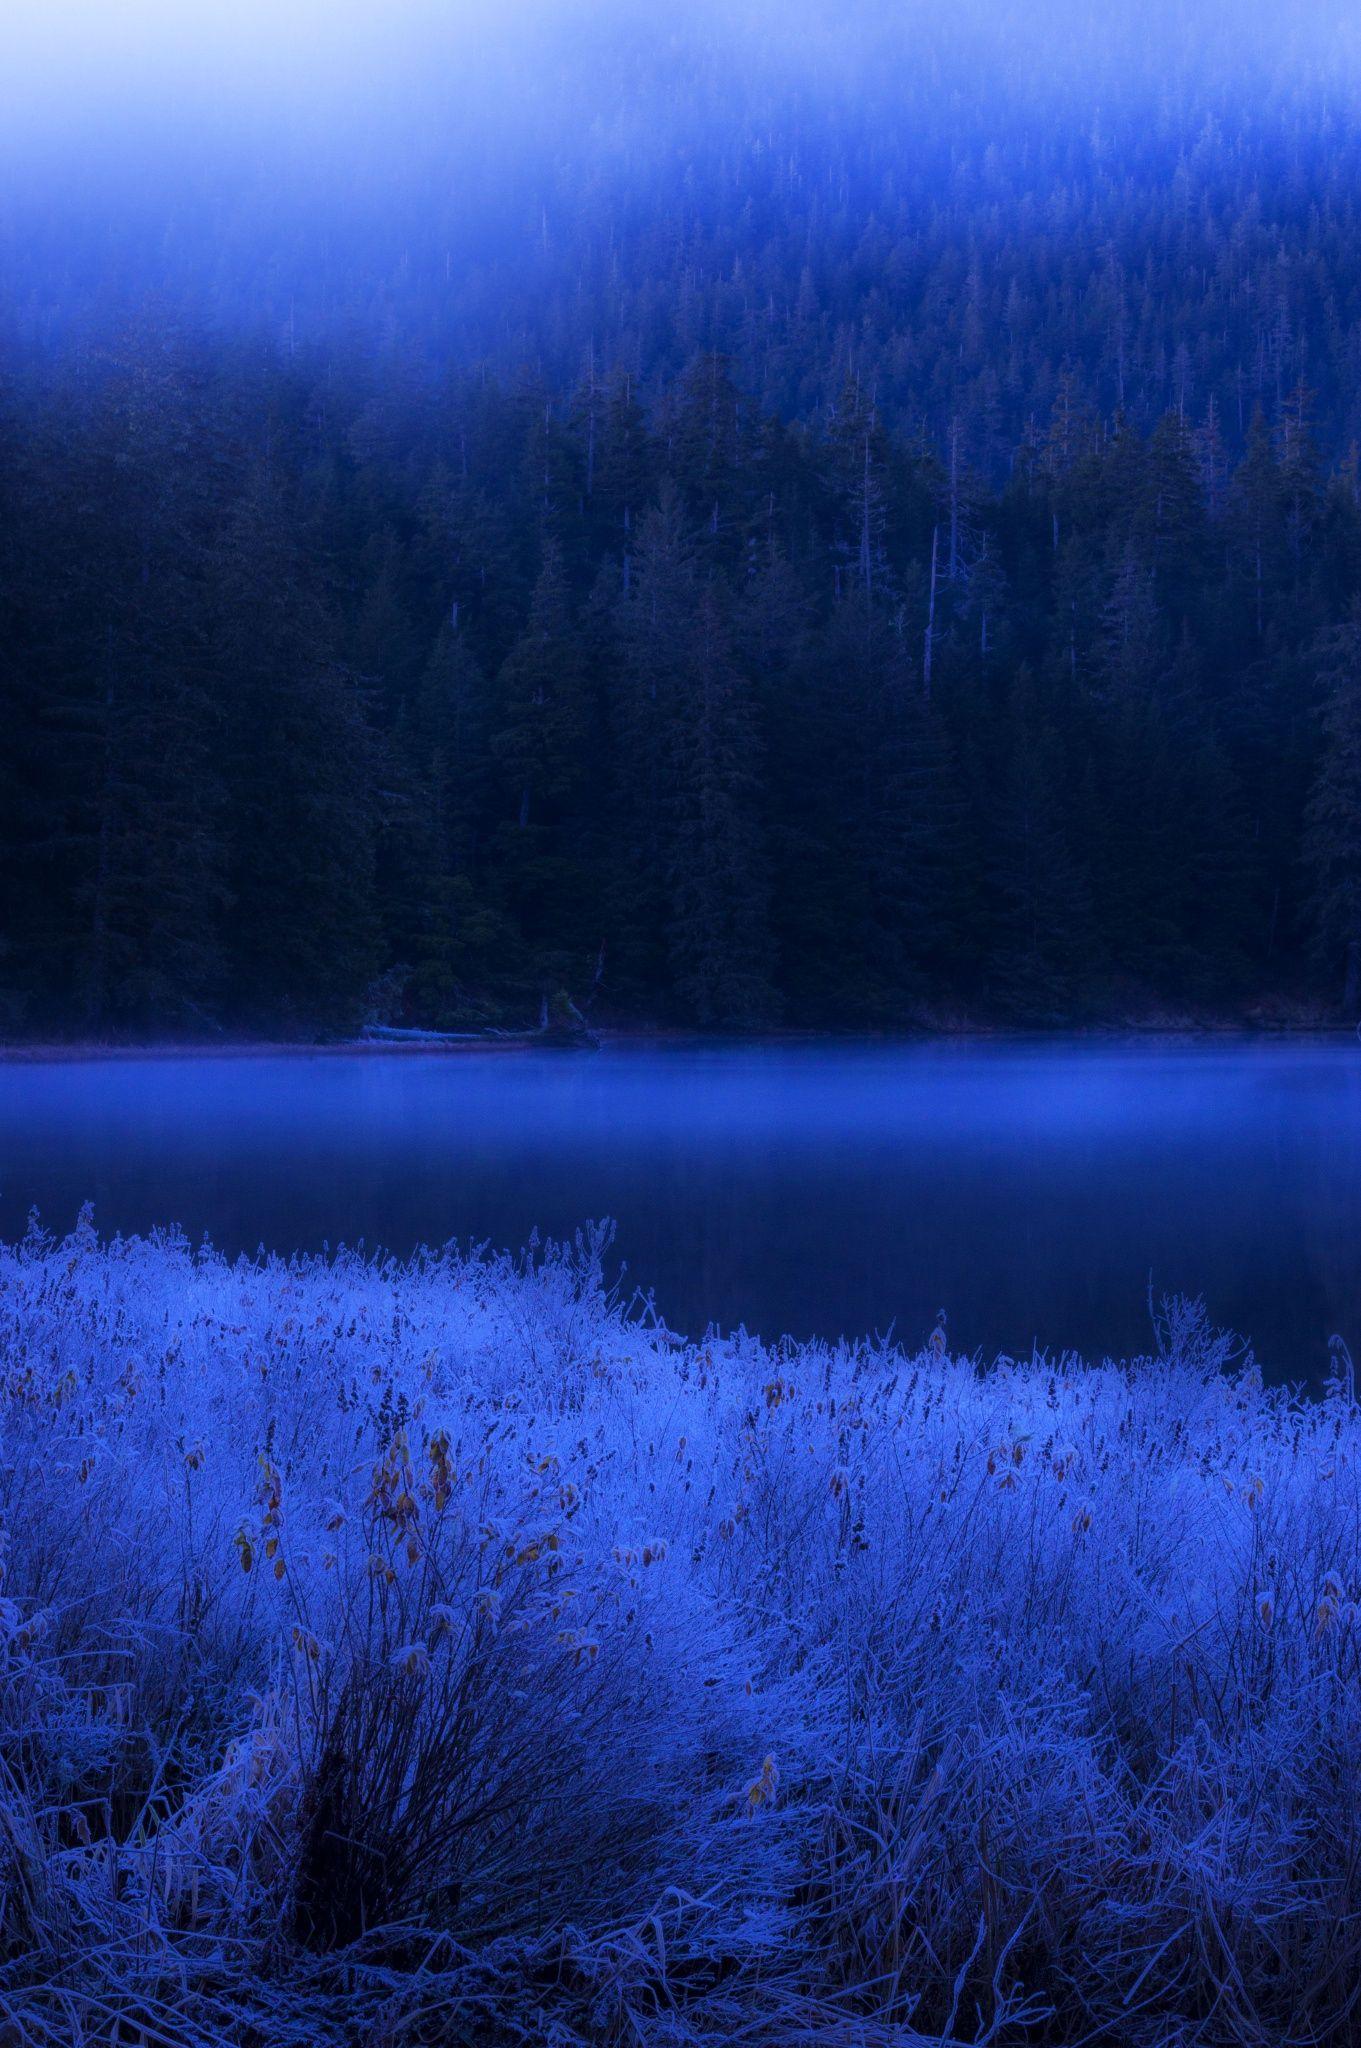 blue night fields- spell bind me to one spot